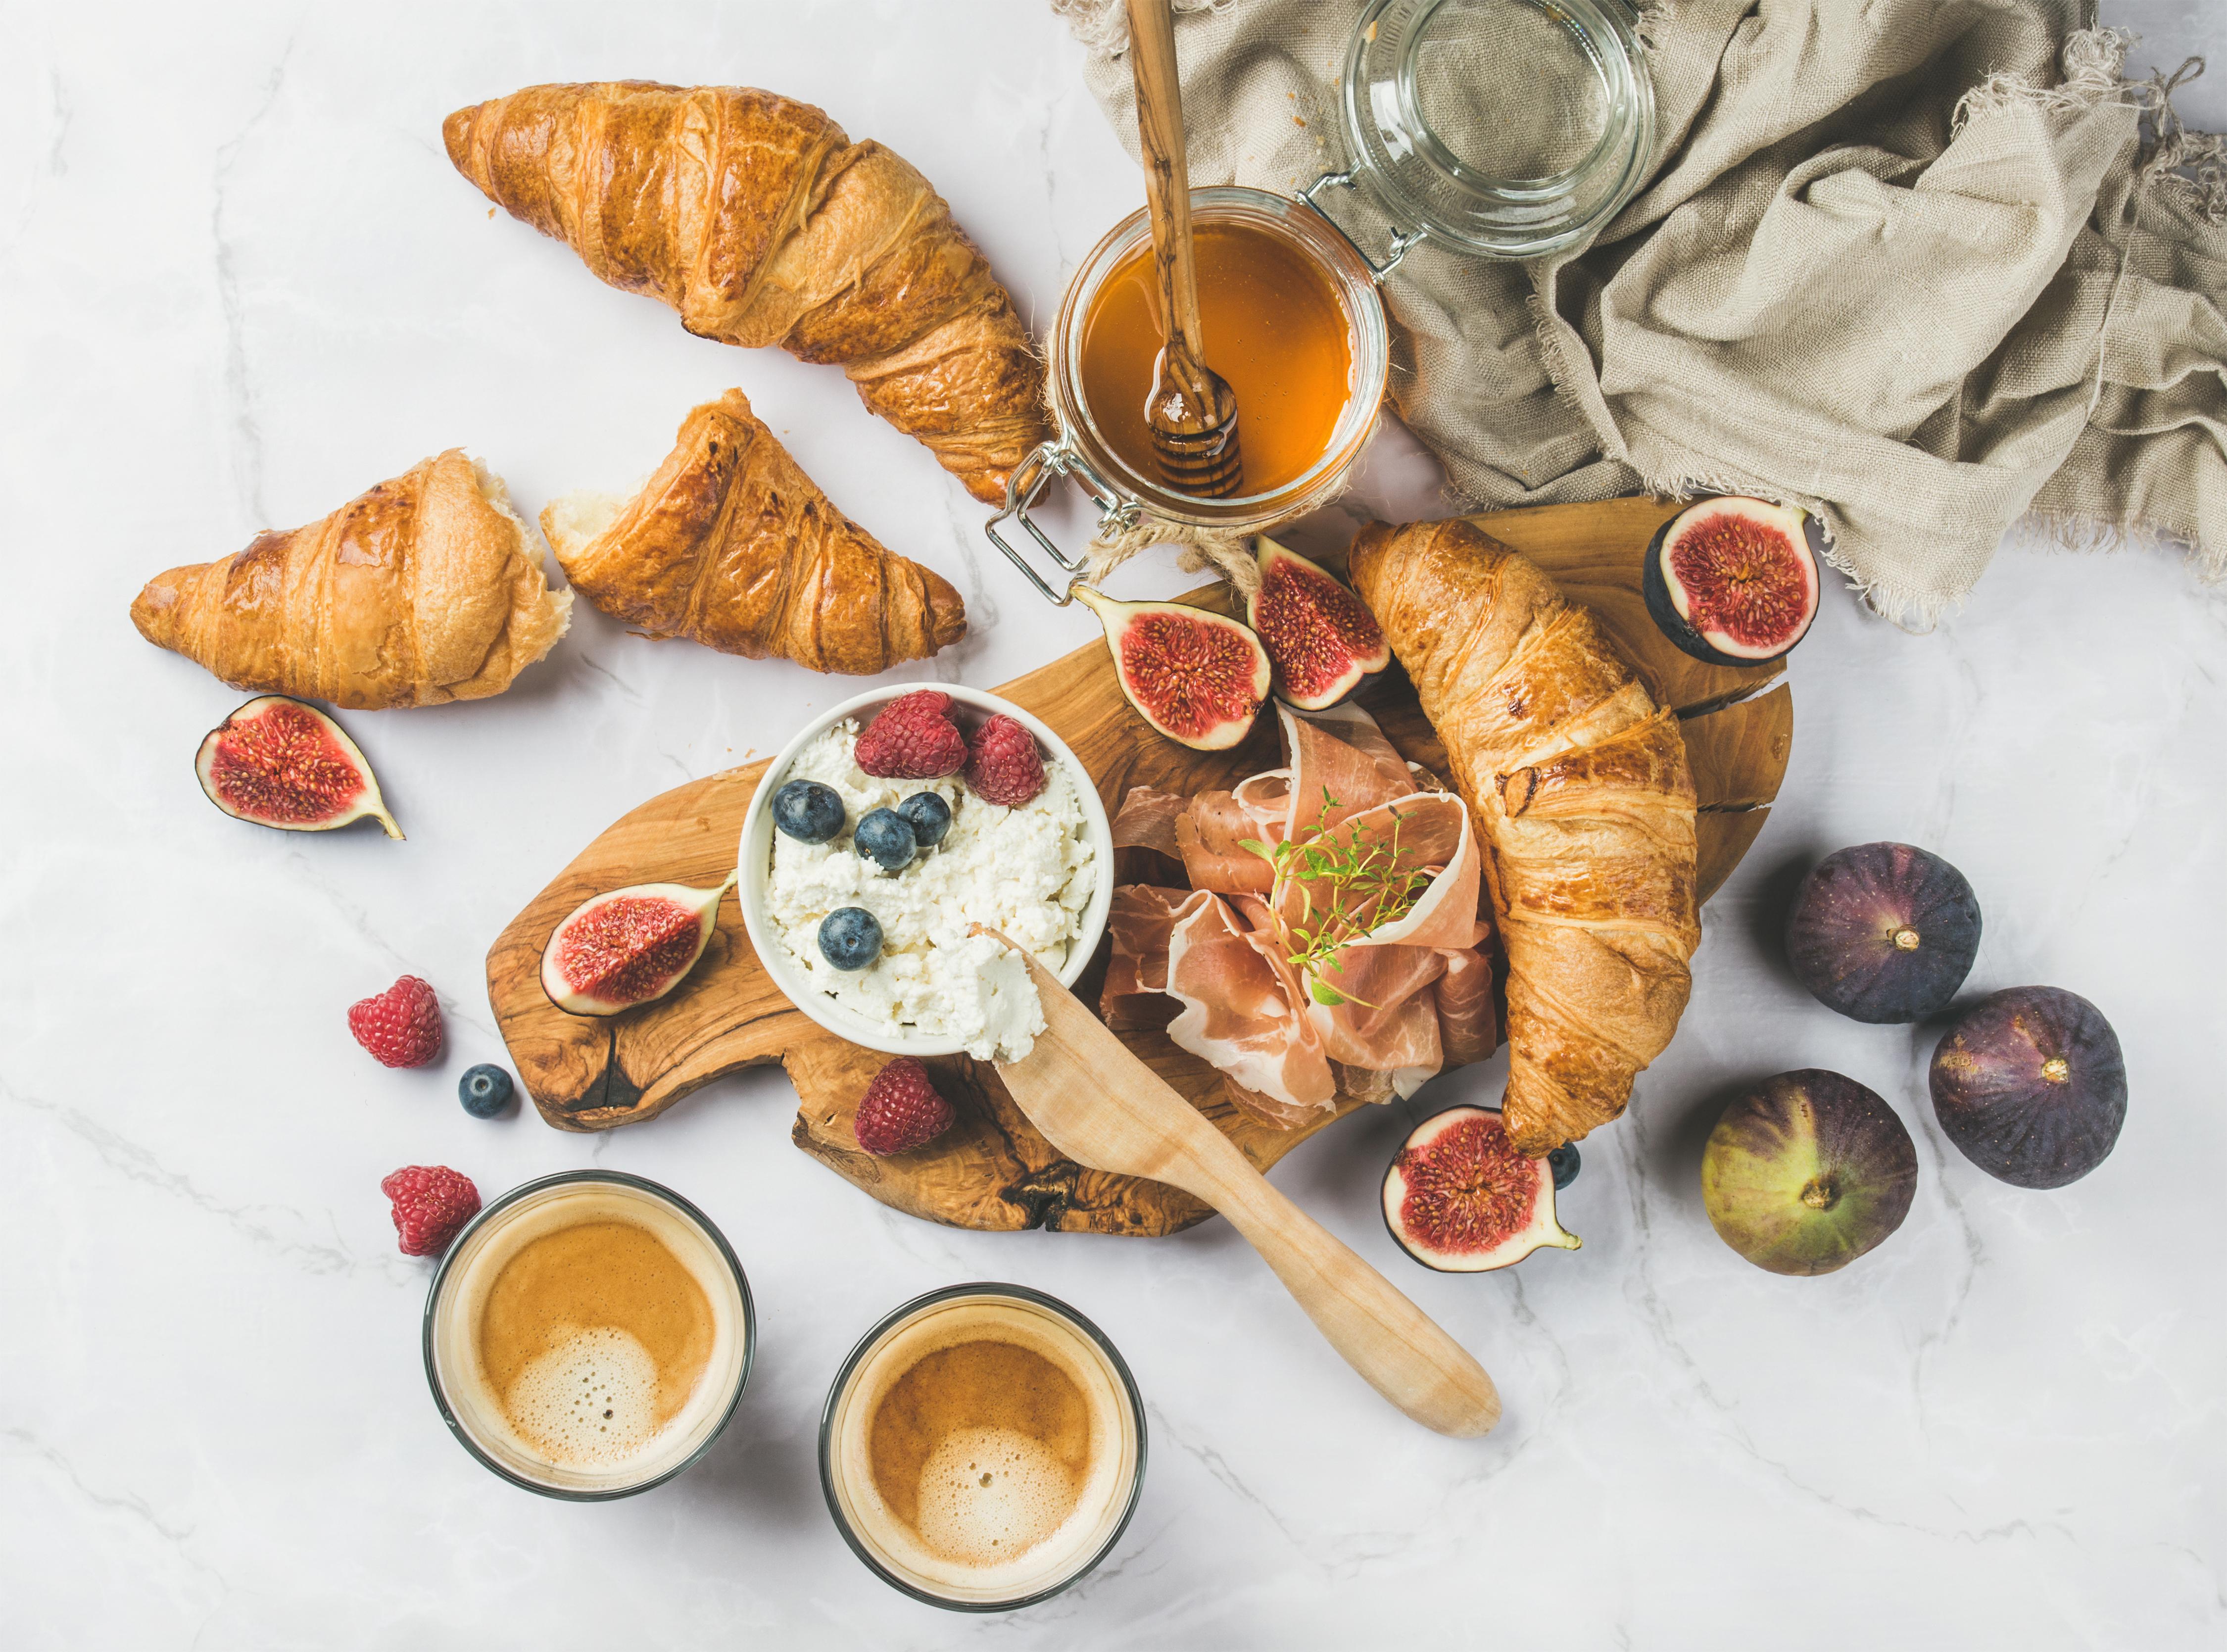 Корисний сніданок для школярика: ідеї для страв